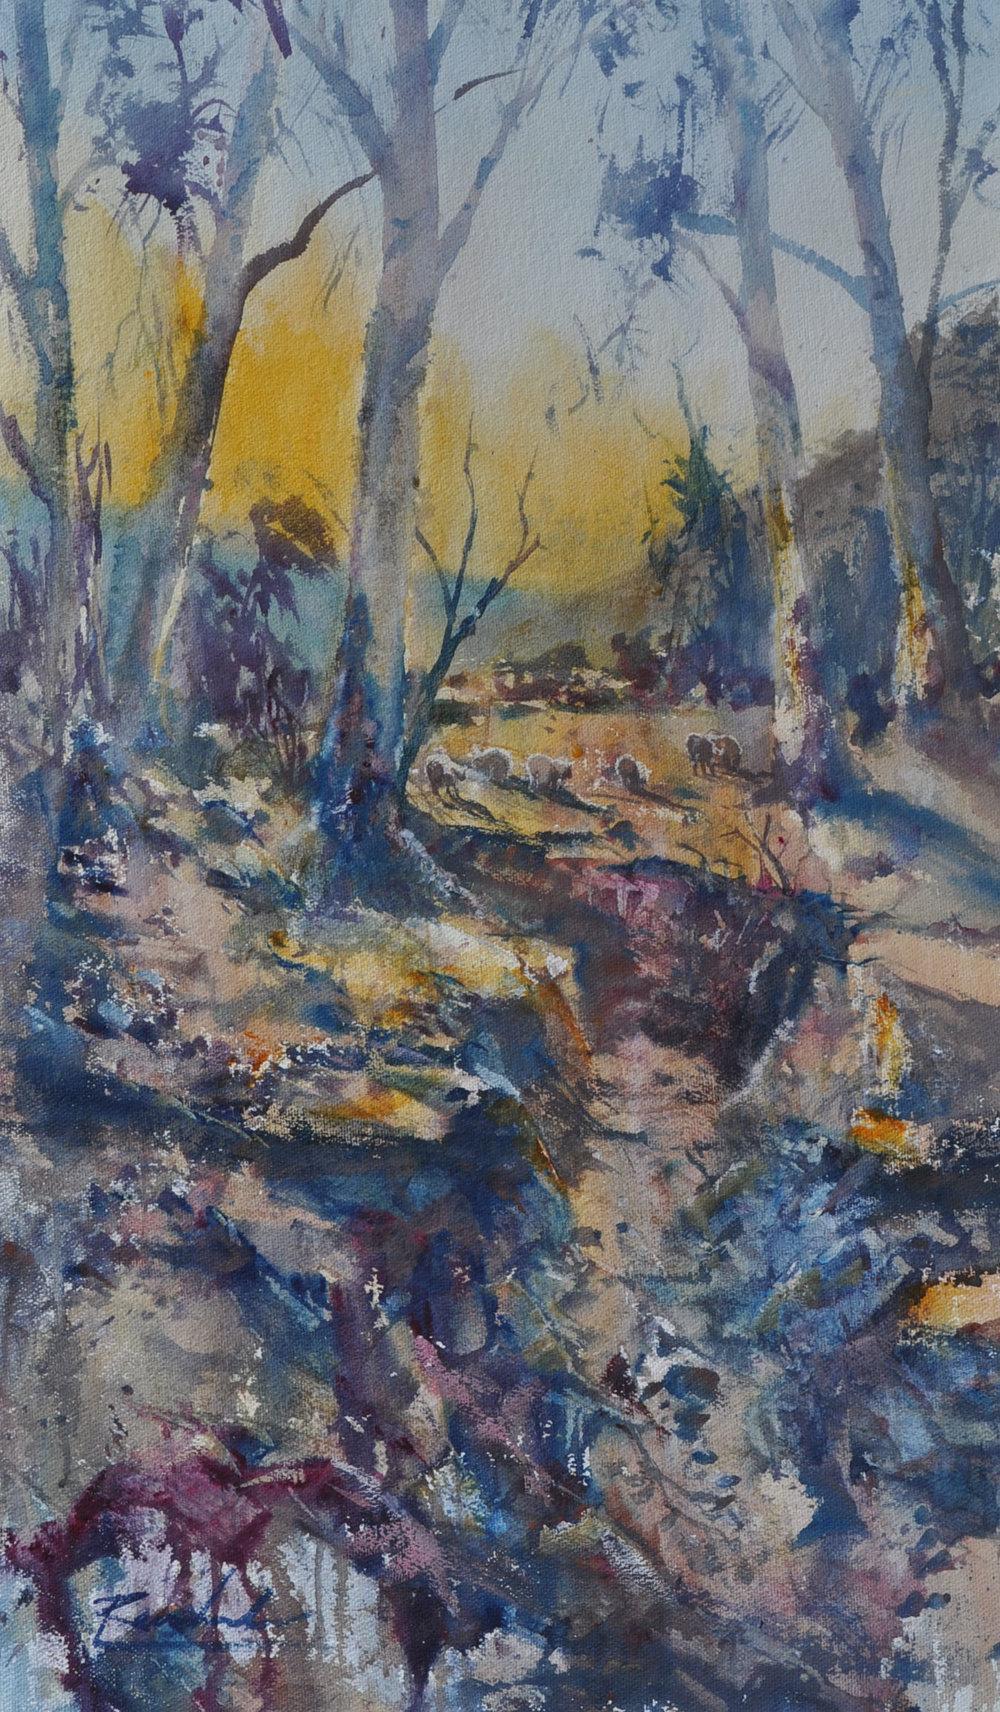 Morning Light at Flinders Ranges